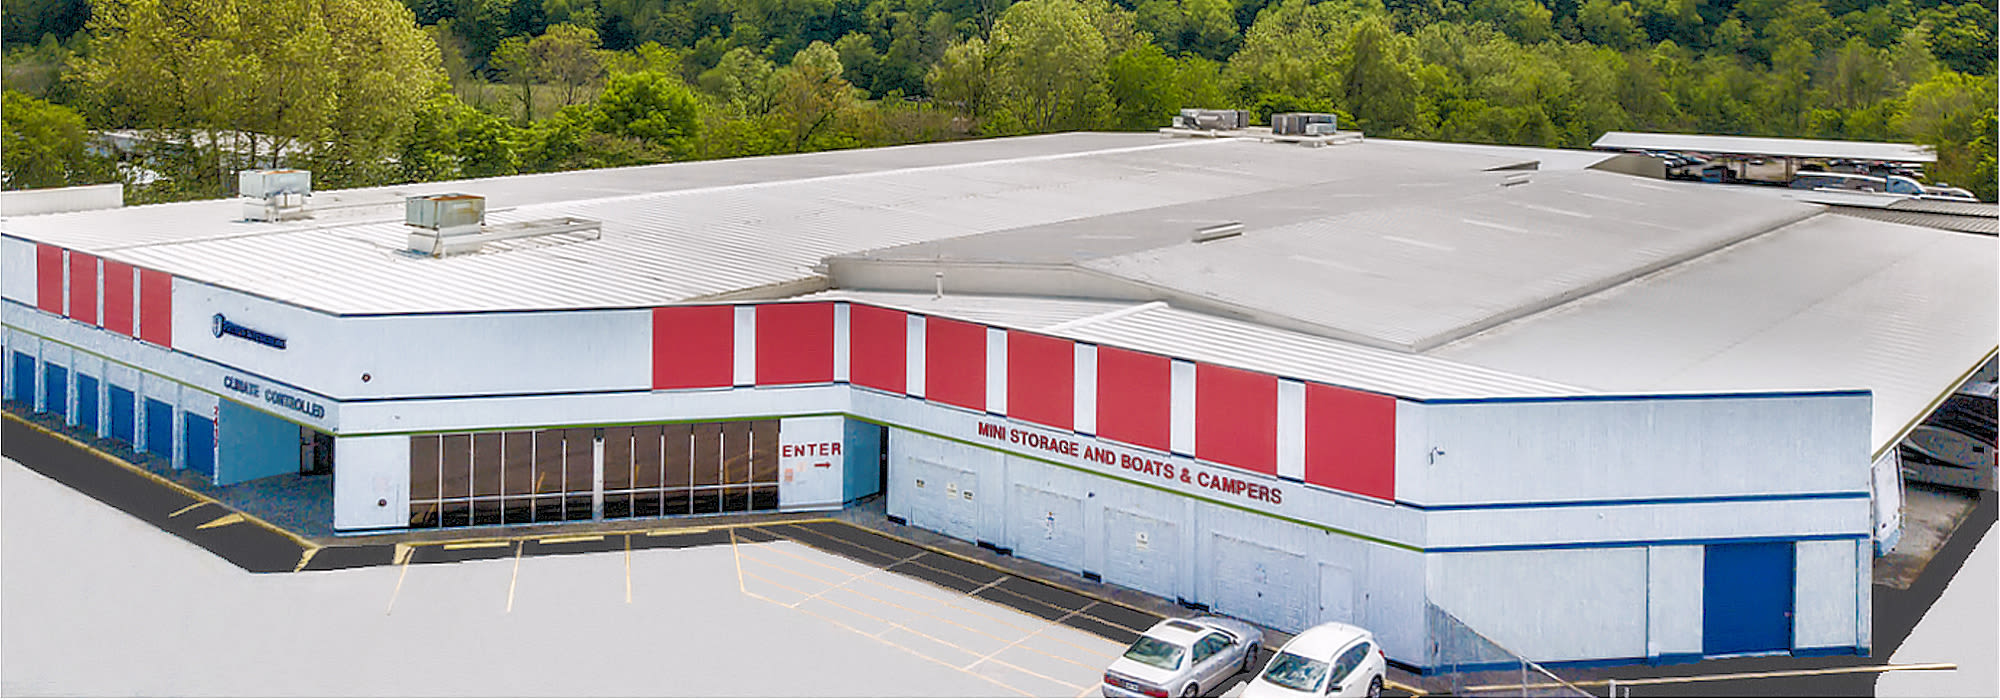 Prime Storage in Kingsport, TN